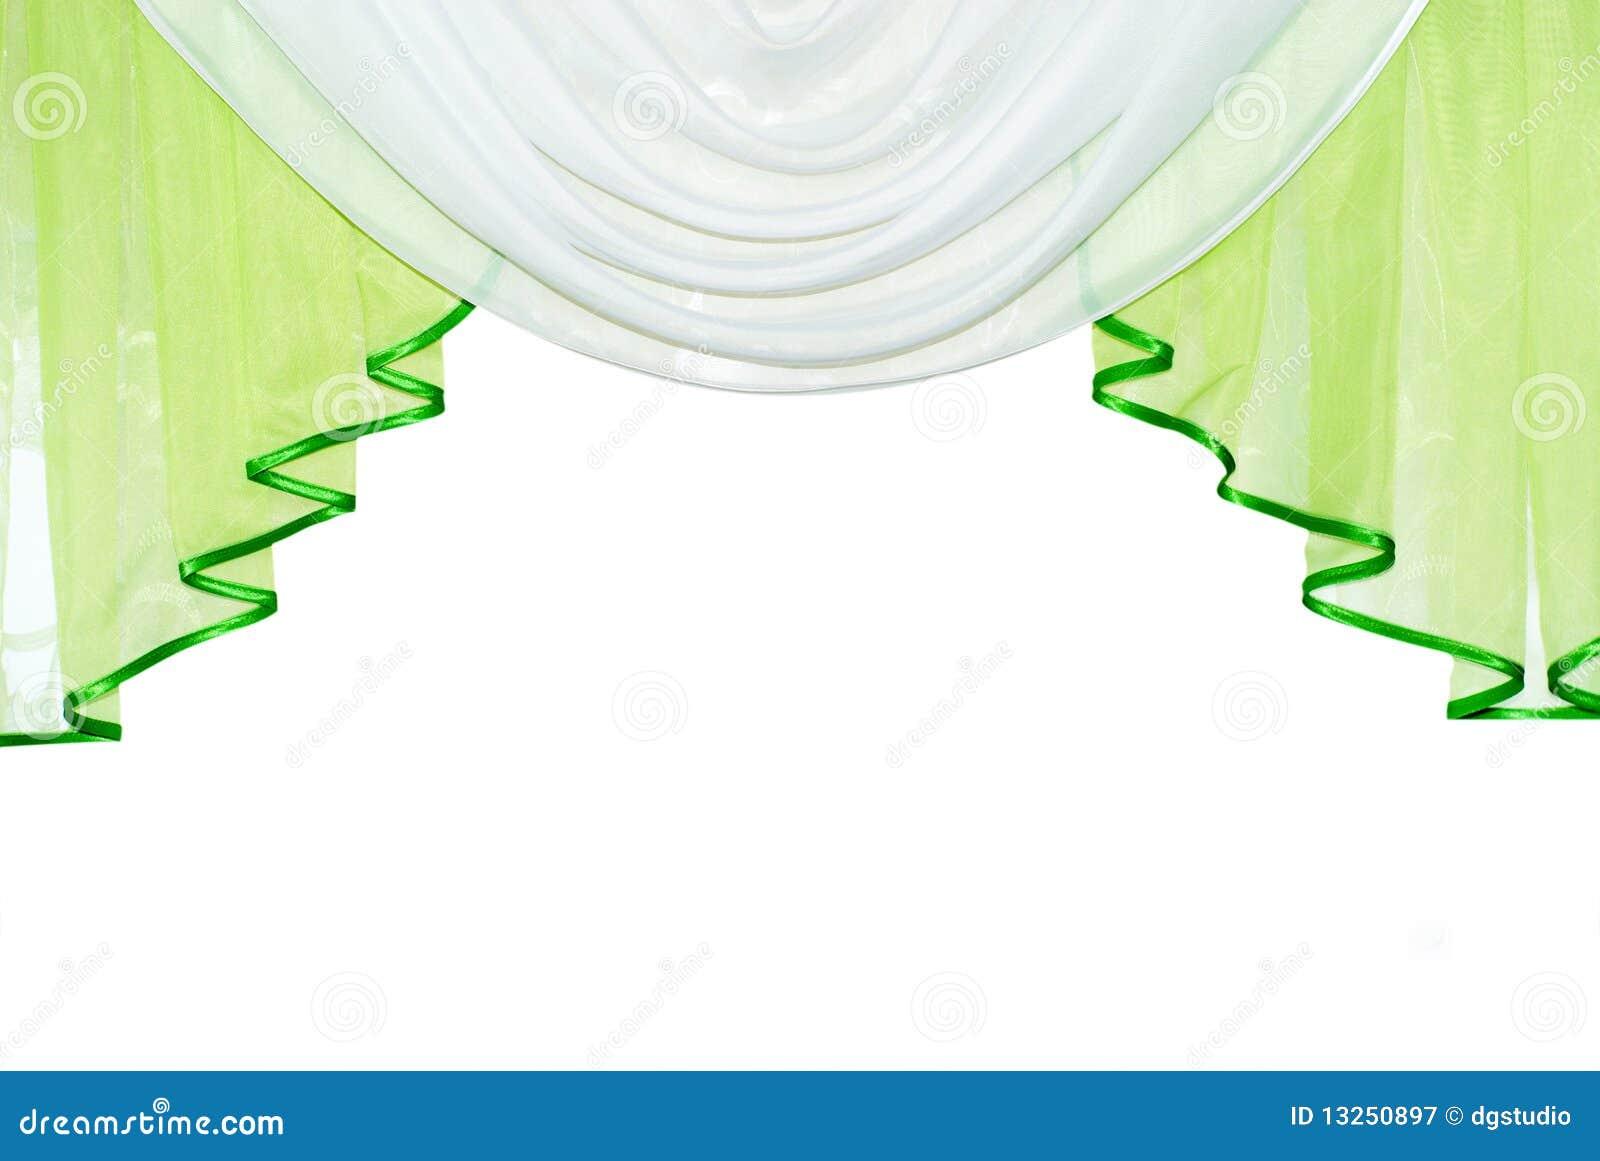 rideau vert photographie stock libre de droits image. Black Bedroom Furniture Sets. Home Design Ideas